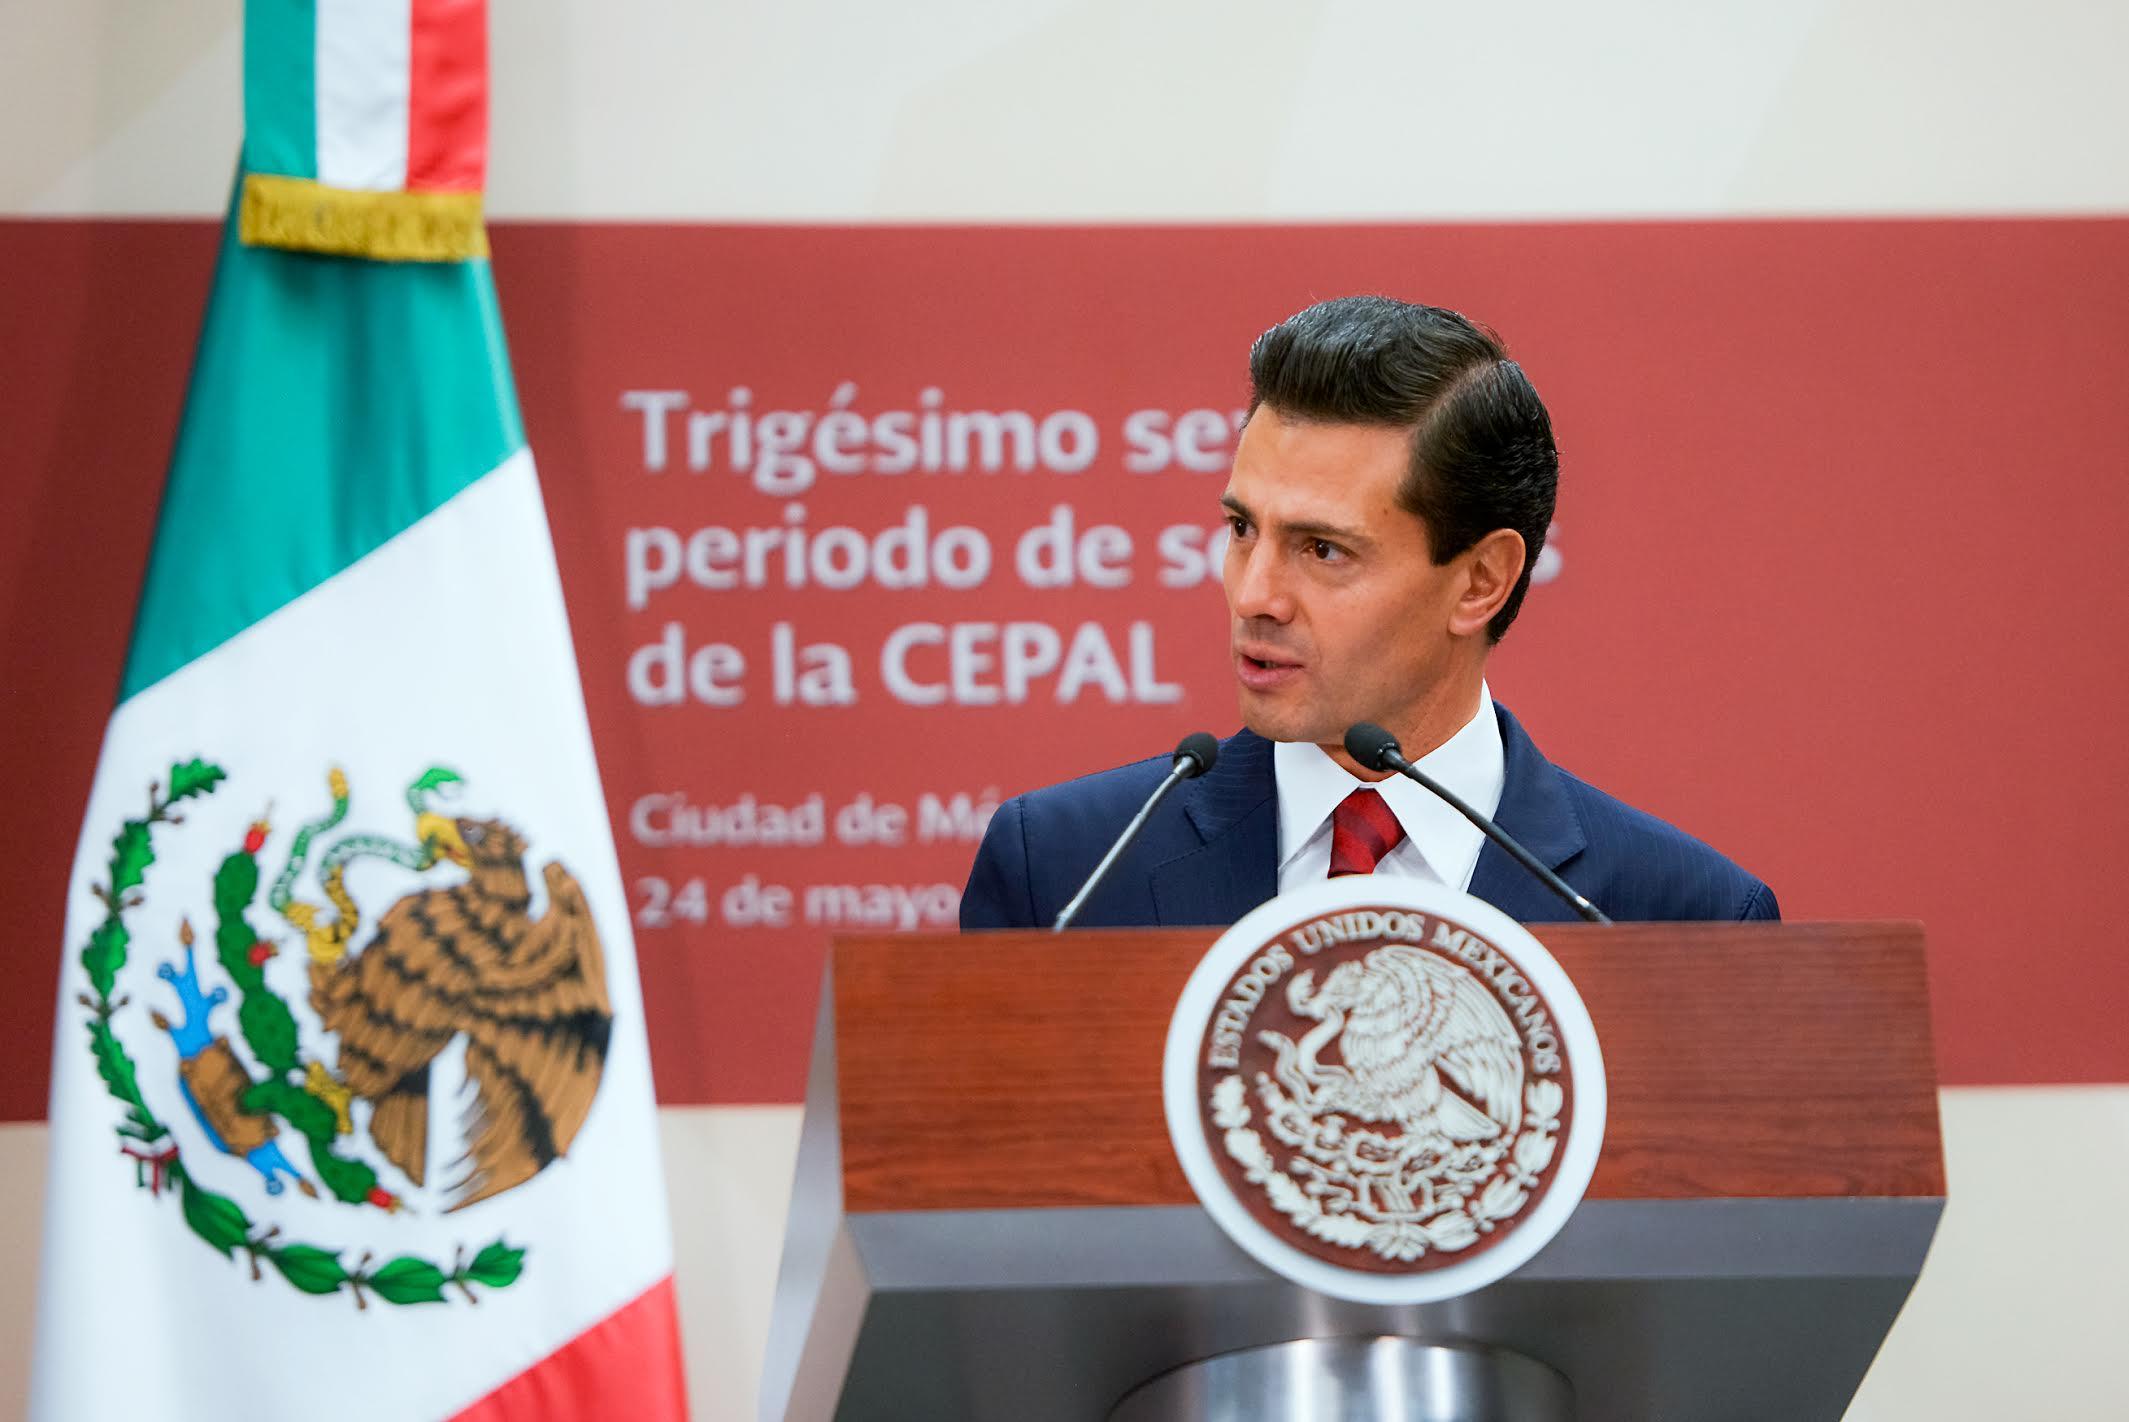 """""""Los trabajos de la CEPAL son indispensables para construir una región unida por el bienestar, el desarrollo incluyente y la prosperidad"""": EPN"""